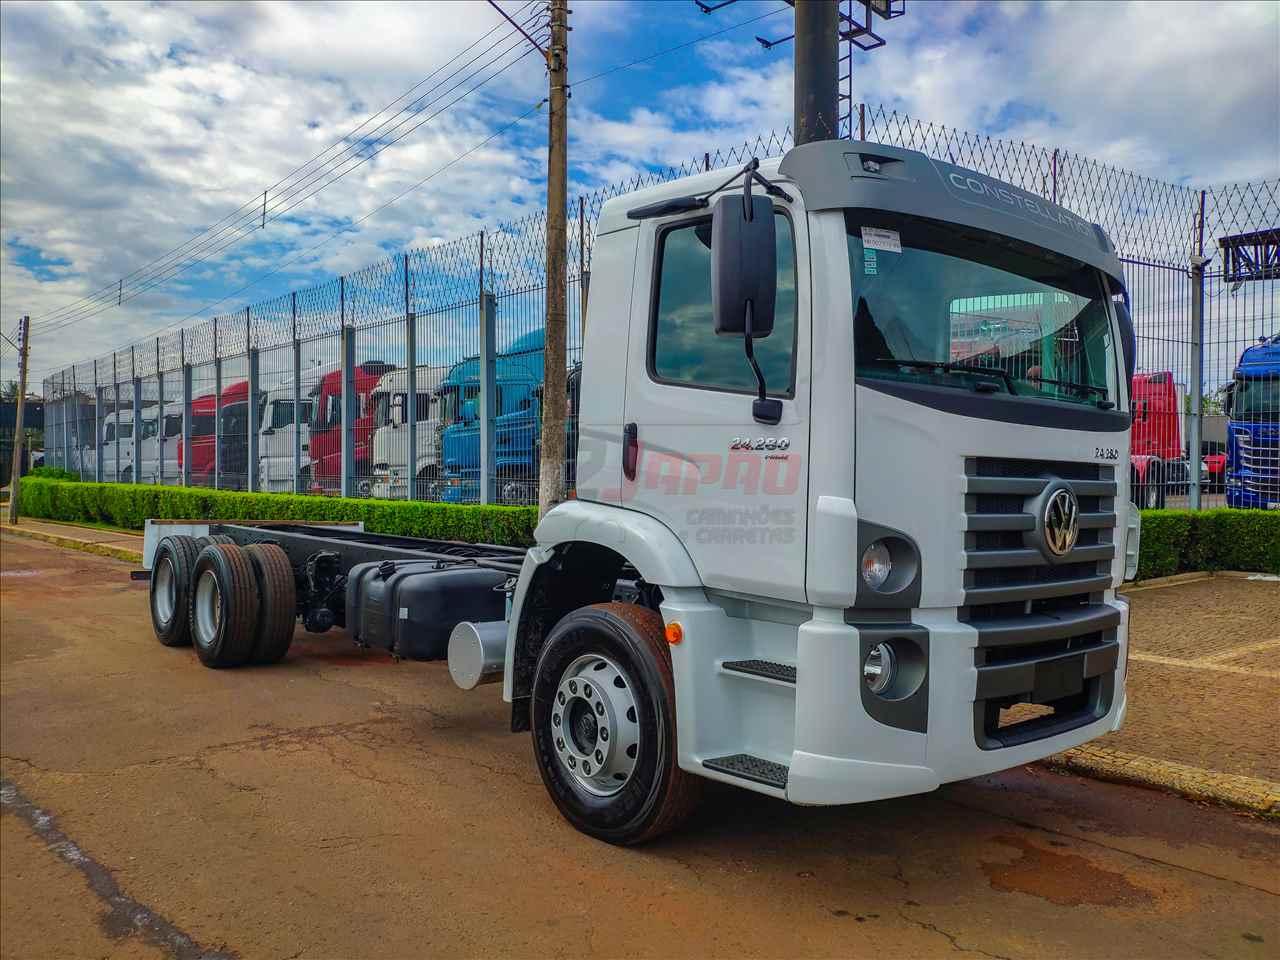 CAMINHAO VOLKSWAGEN VW 24280 Chassis Truck 6x2 2 Japão Caminhões e Carretas SUMARE SÃO PAULO SP